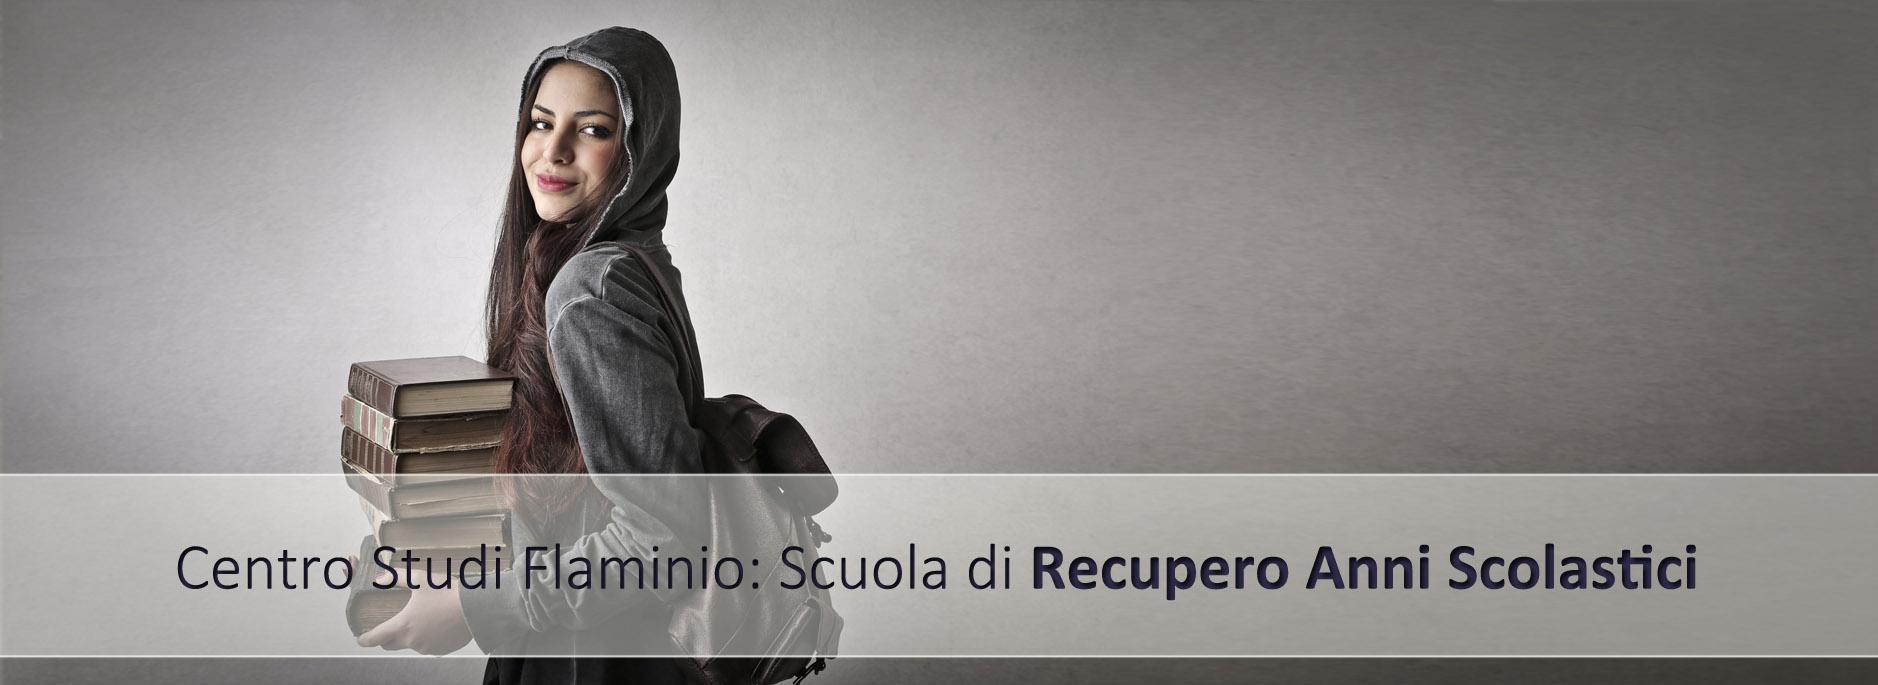 recupero anni scolastici centro studi flaminio roma centro